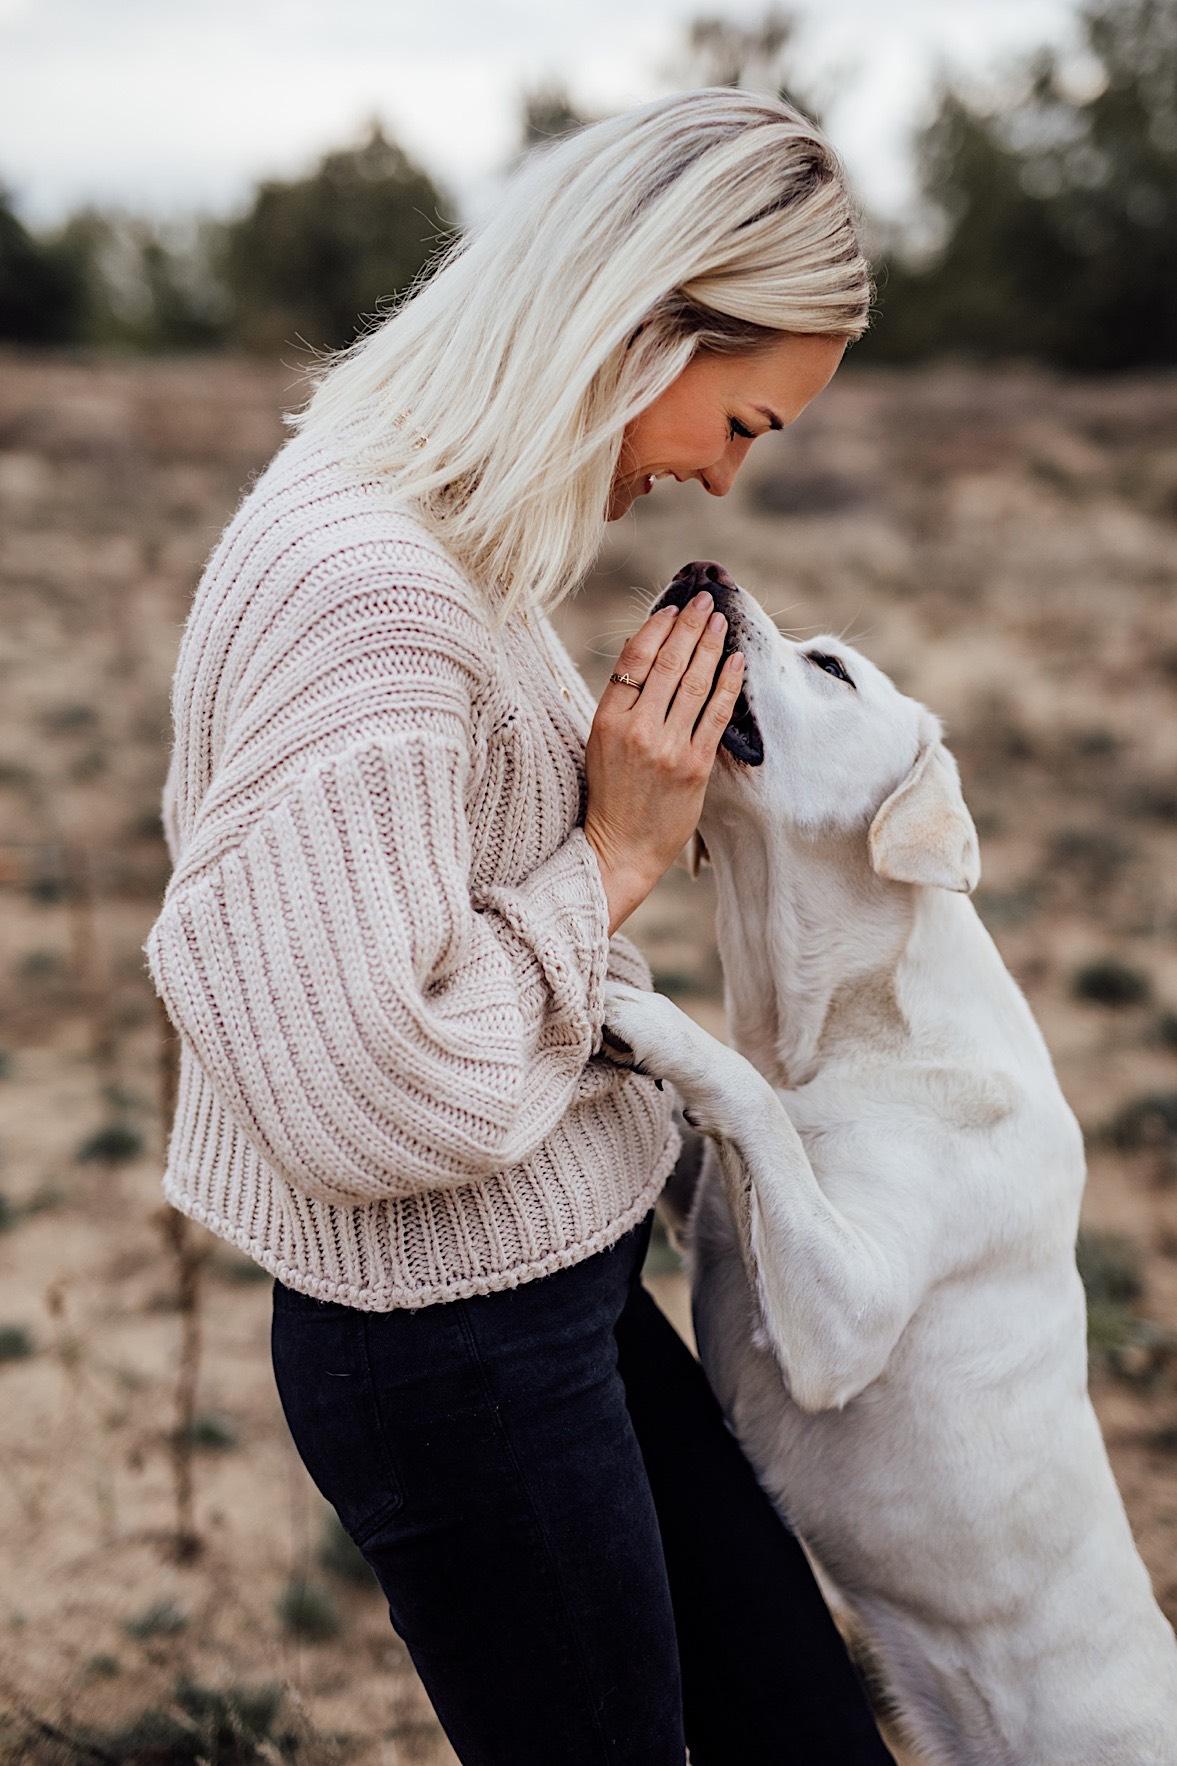 Hund springt freudig an Frau hoch, Frau lächelt Hund zu